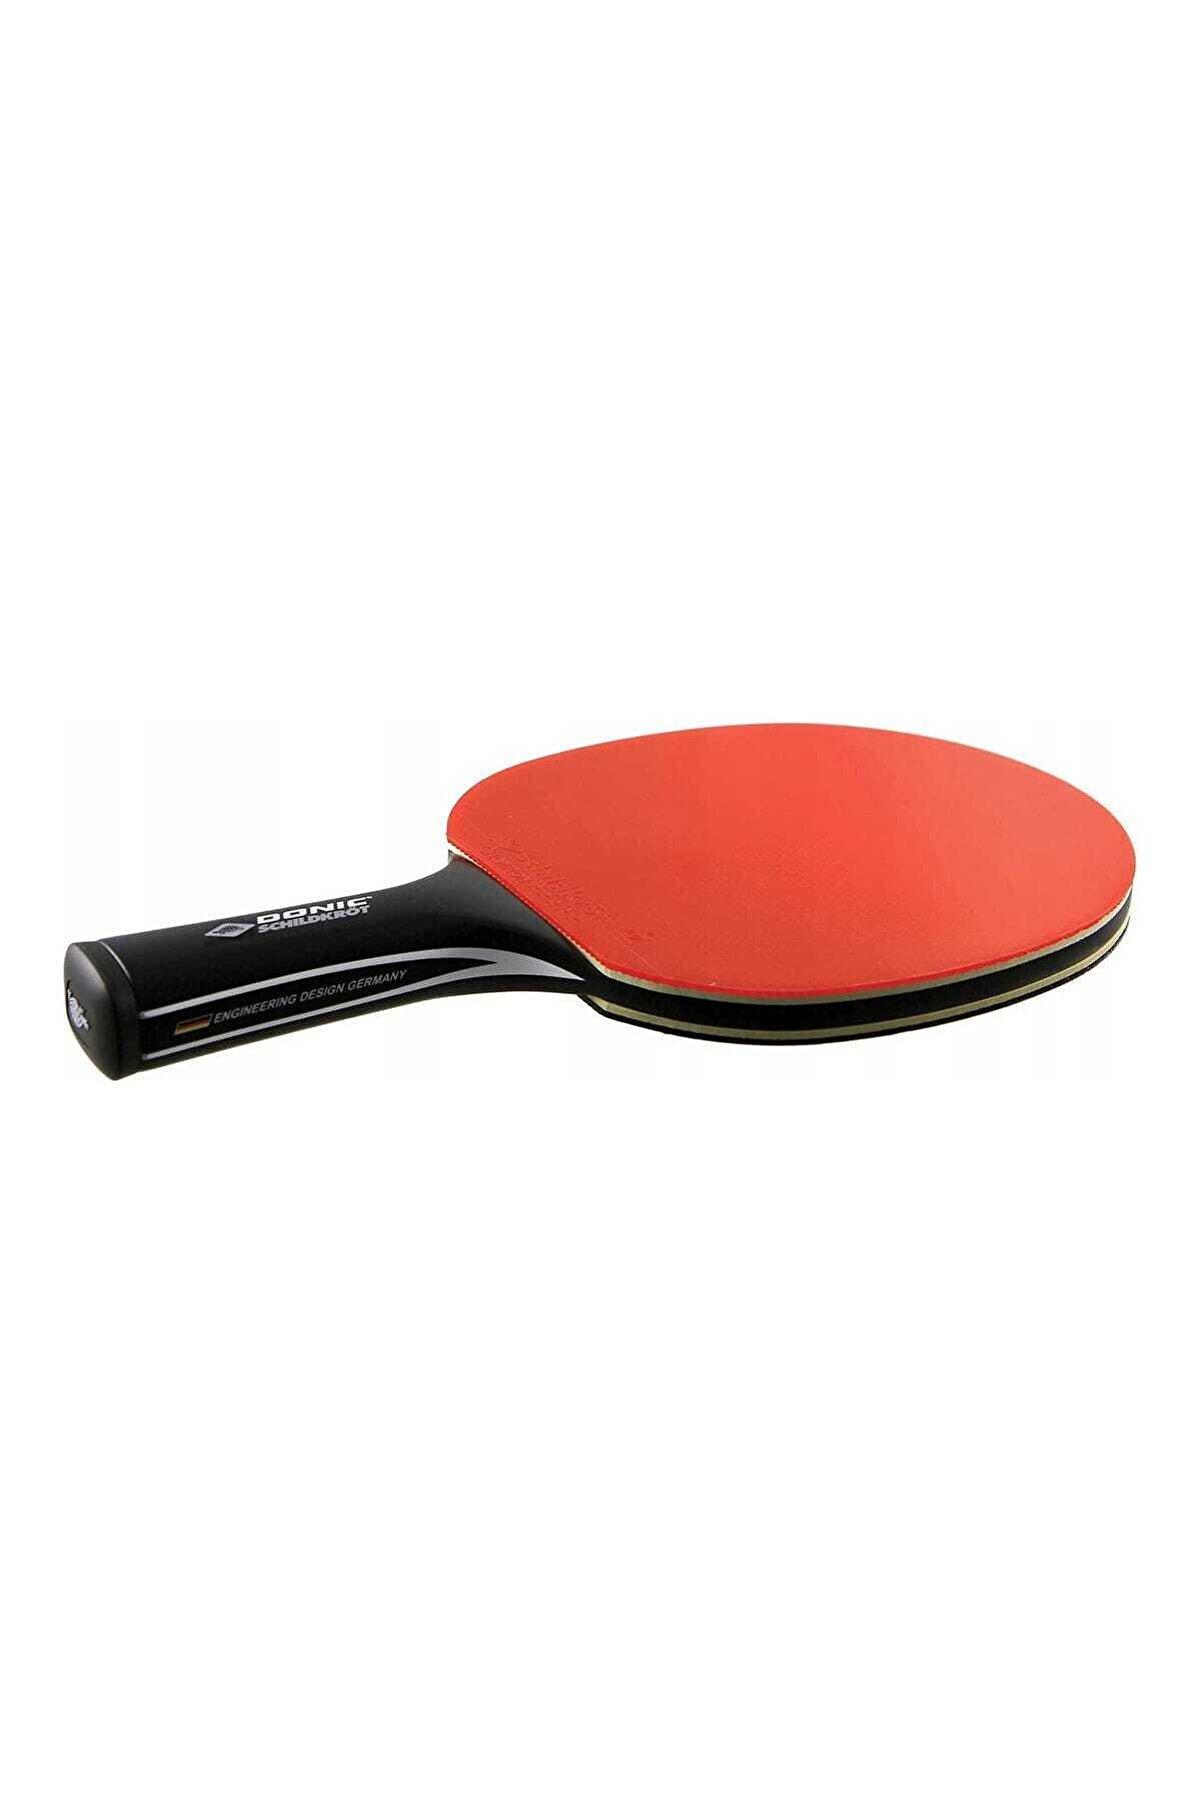 Donic Masa Tenisi Raketi + Dvd Hediye - ITTF Onaylı - 30901